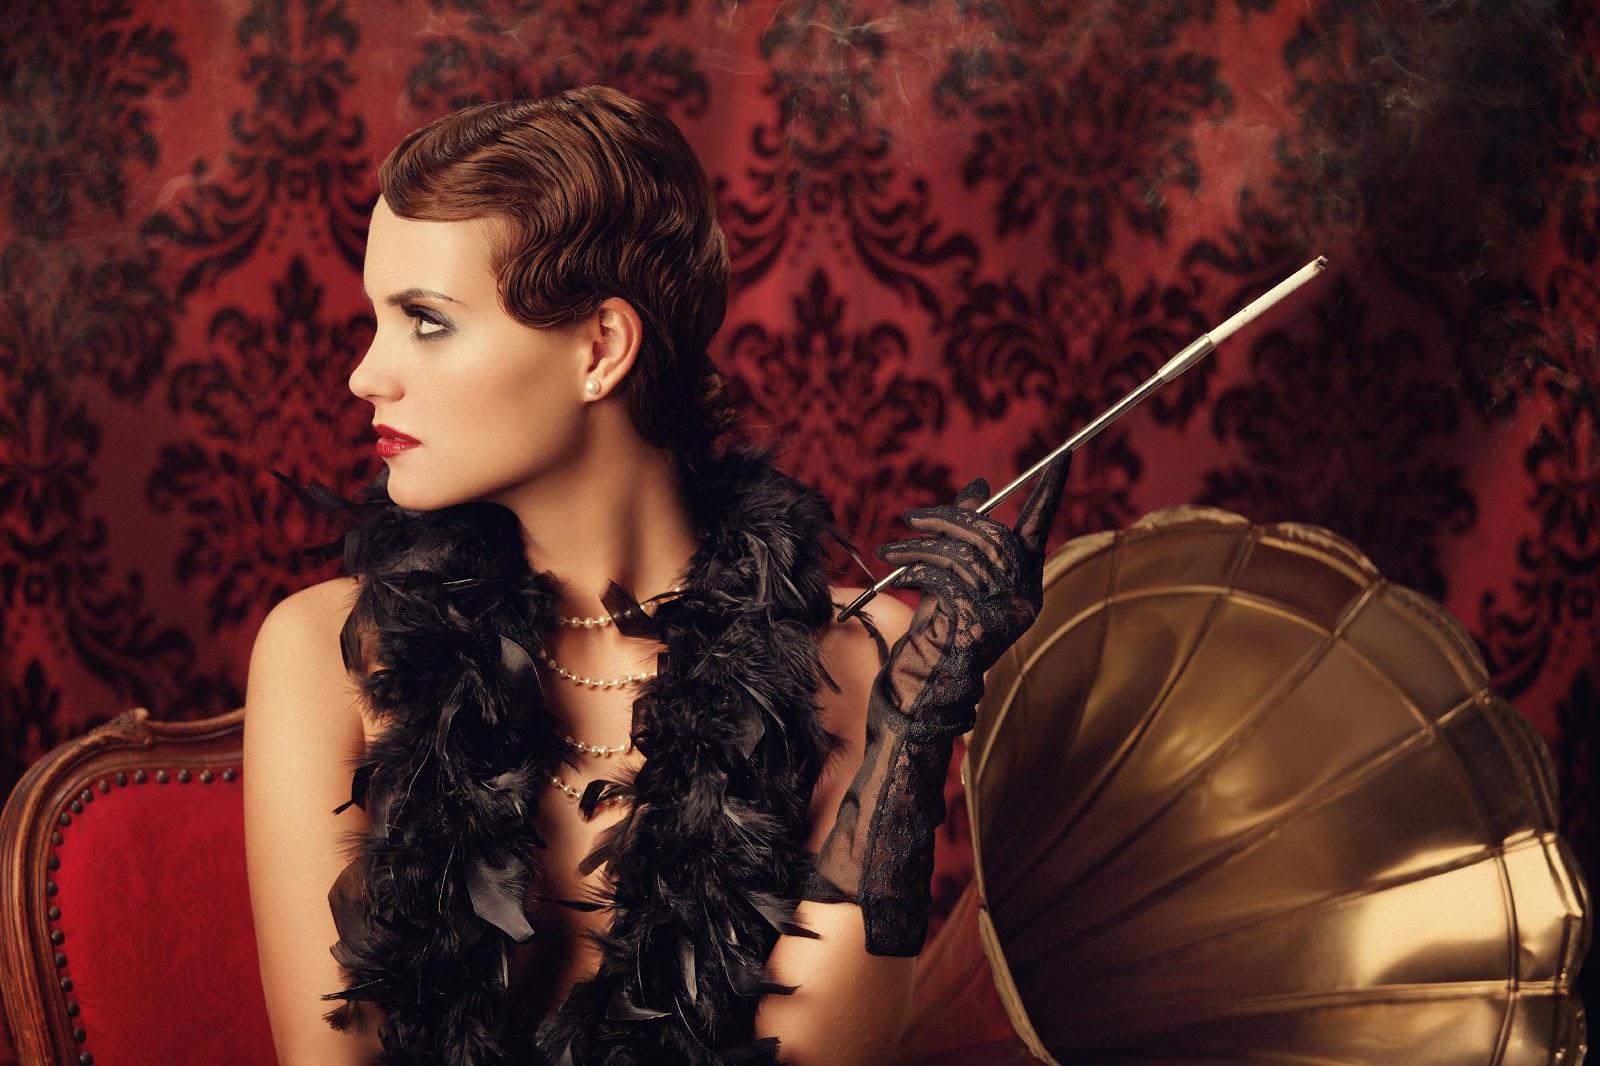 Damska moda lat 20., czyli kobieca emancypacja